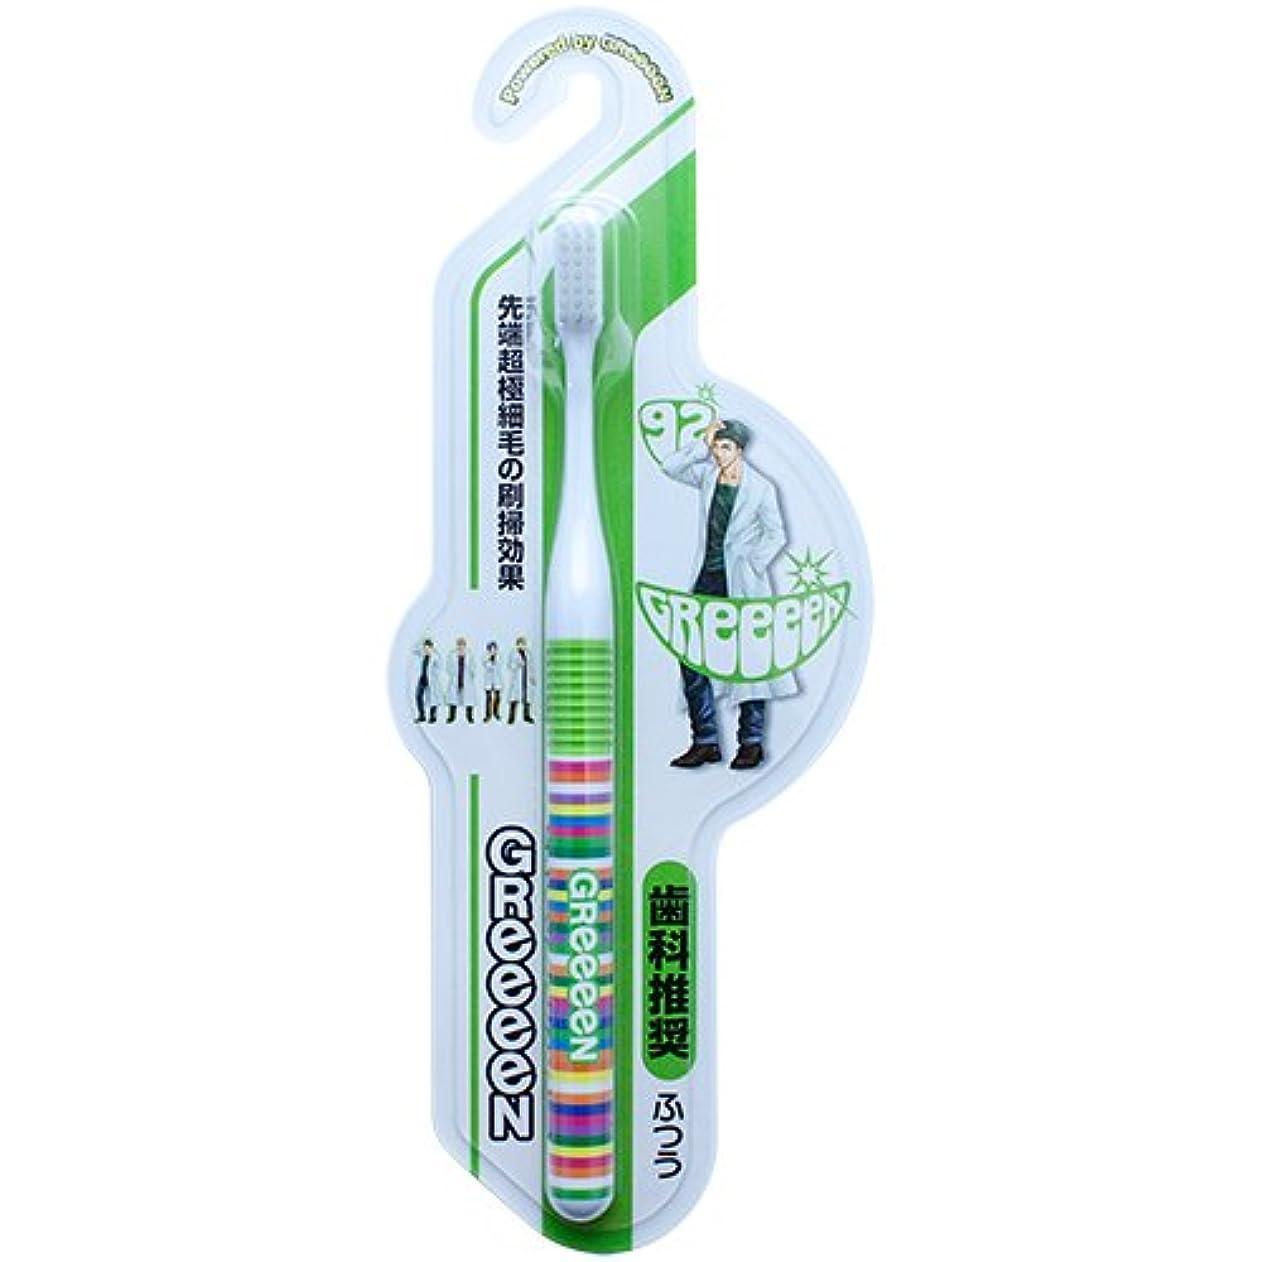 かすかなやむを得ない発送GReeeeN 3列ヘッドラバーグリップ超極細毛歯ブラシ SIRO 92 1本